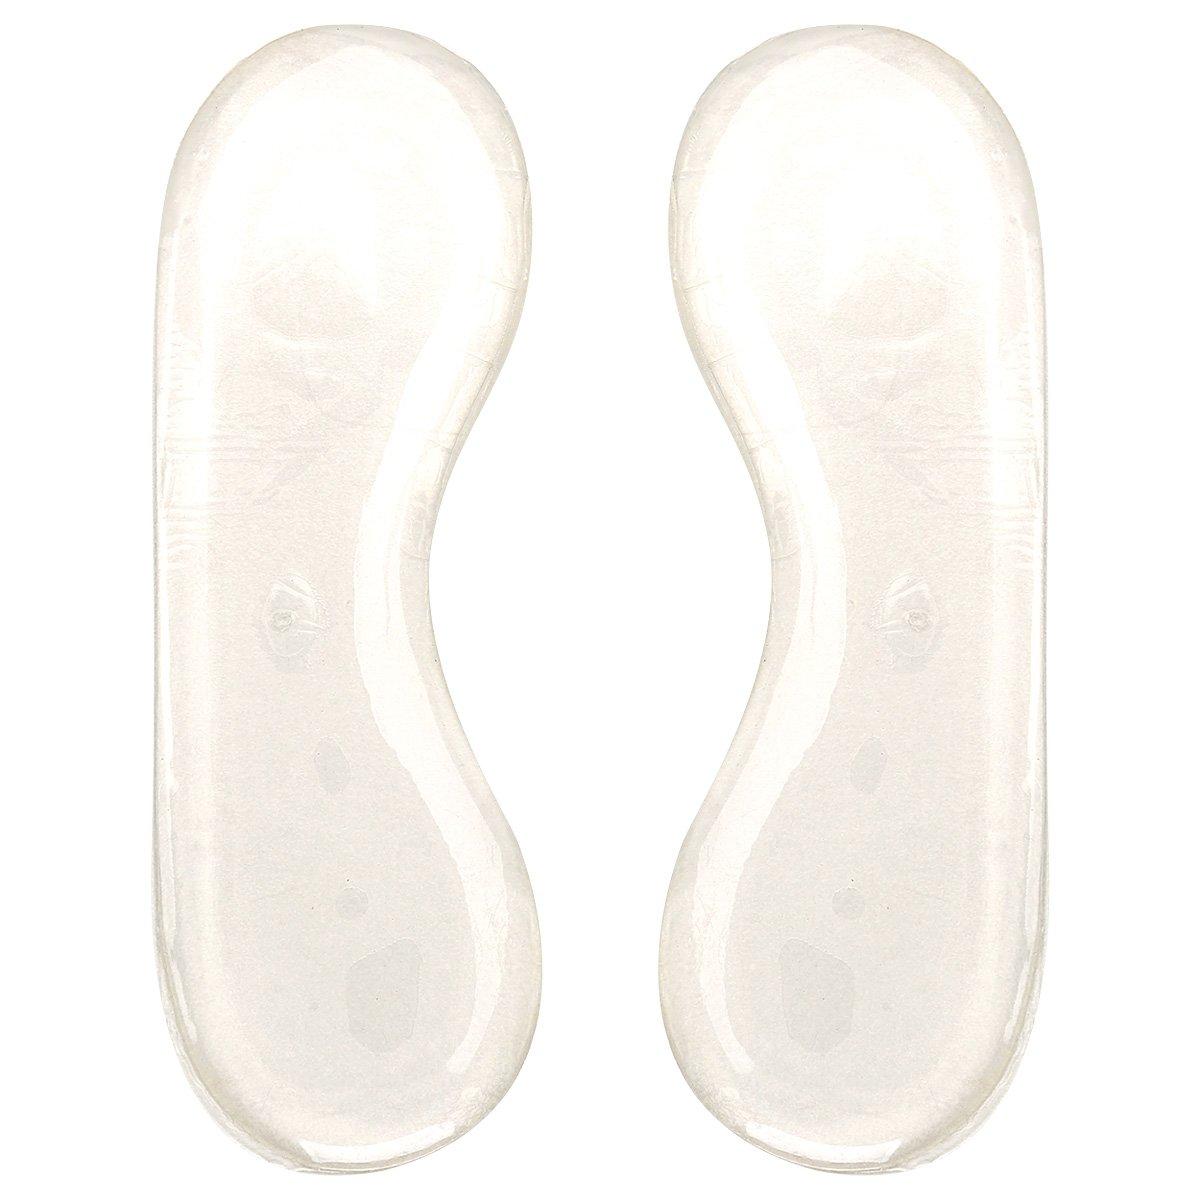 Segurança de Calcanhar Gel Shoestock